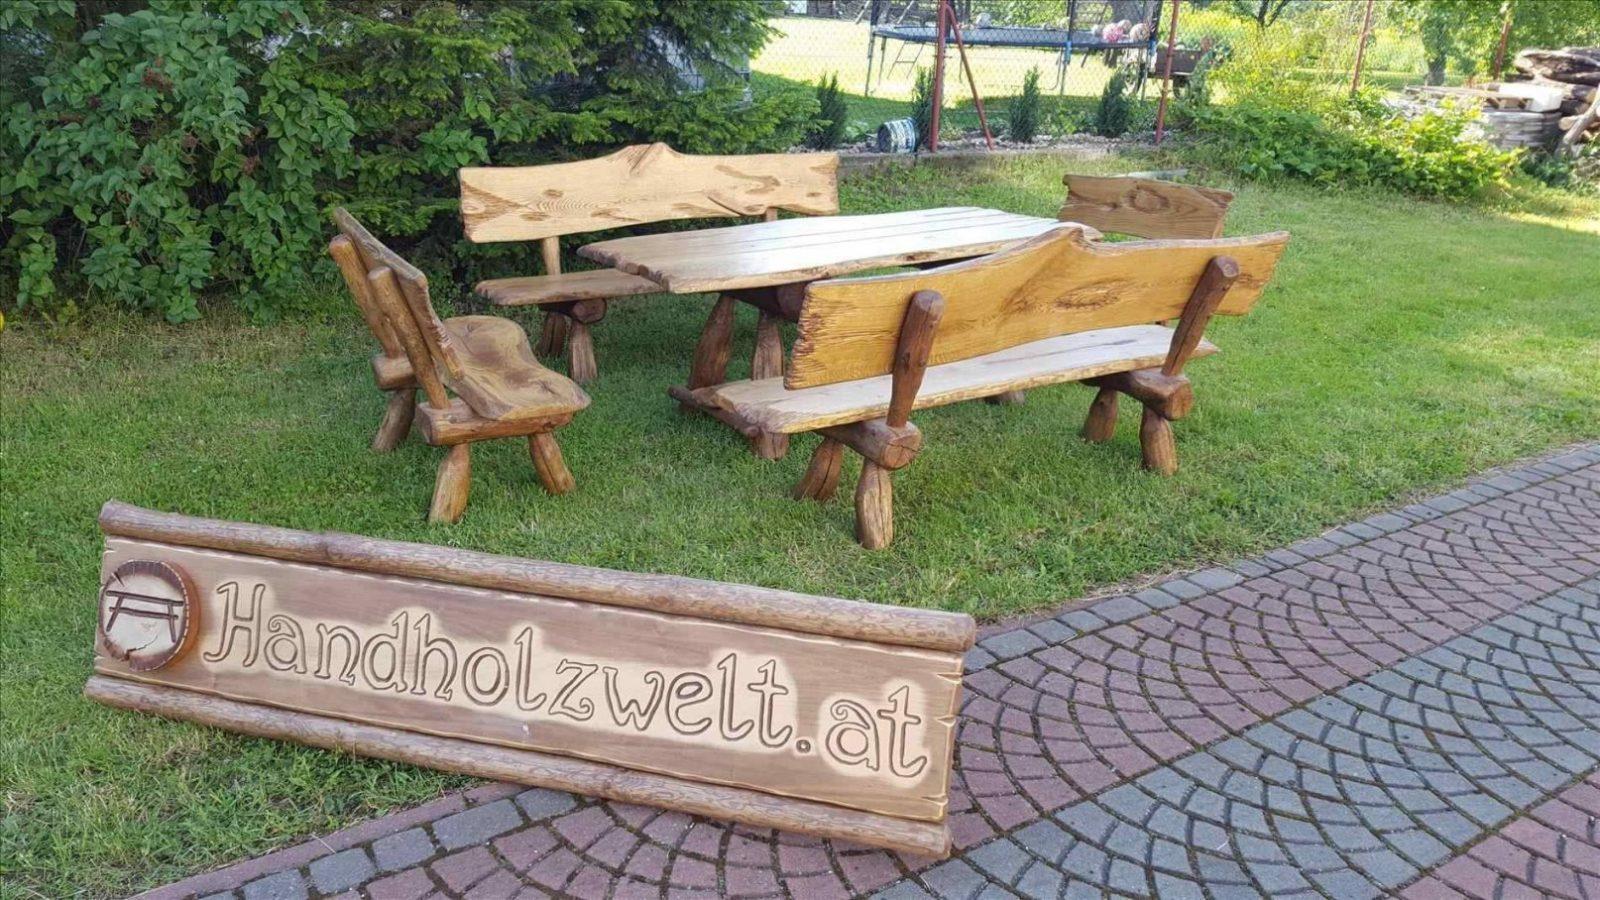 Gartenbank Holz Massiv Rustikal Great Holz Massiv Rustikal von Gartenbank Holz Massiv Rustikal Photo